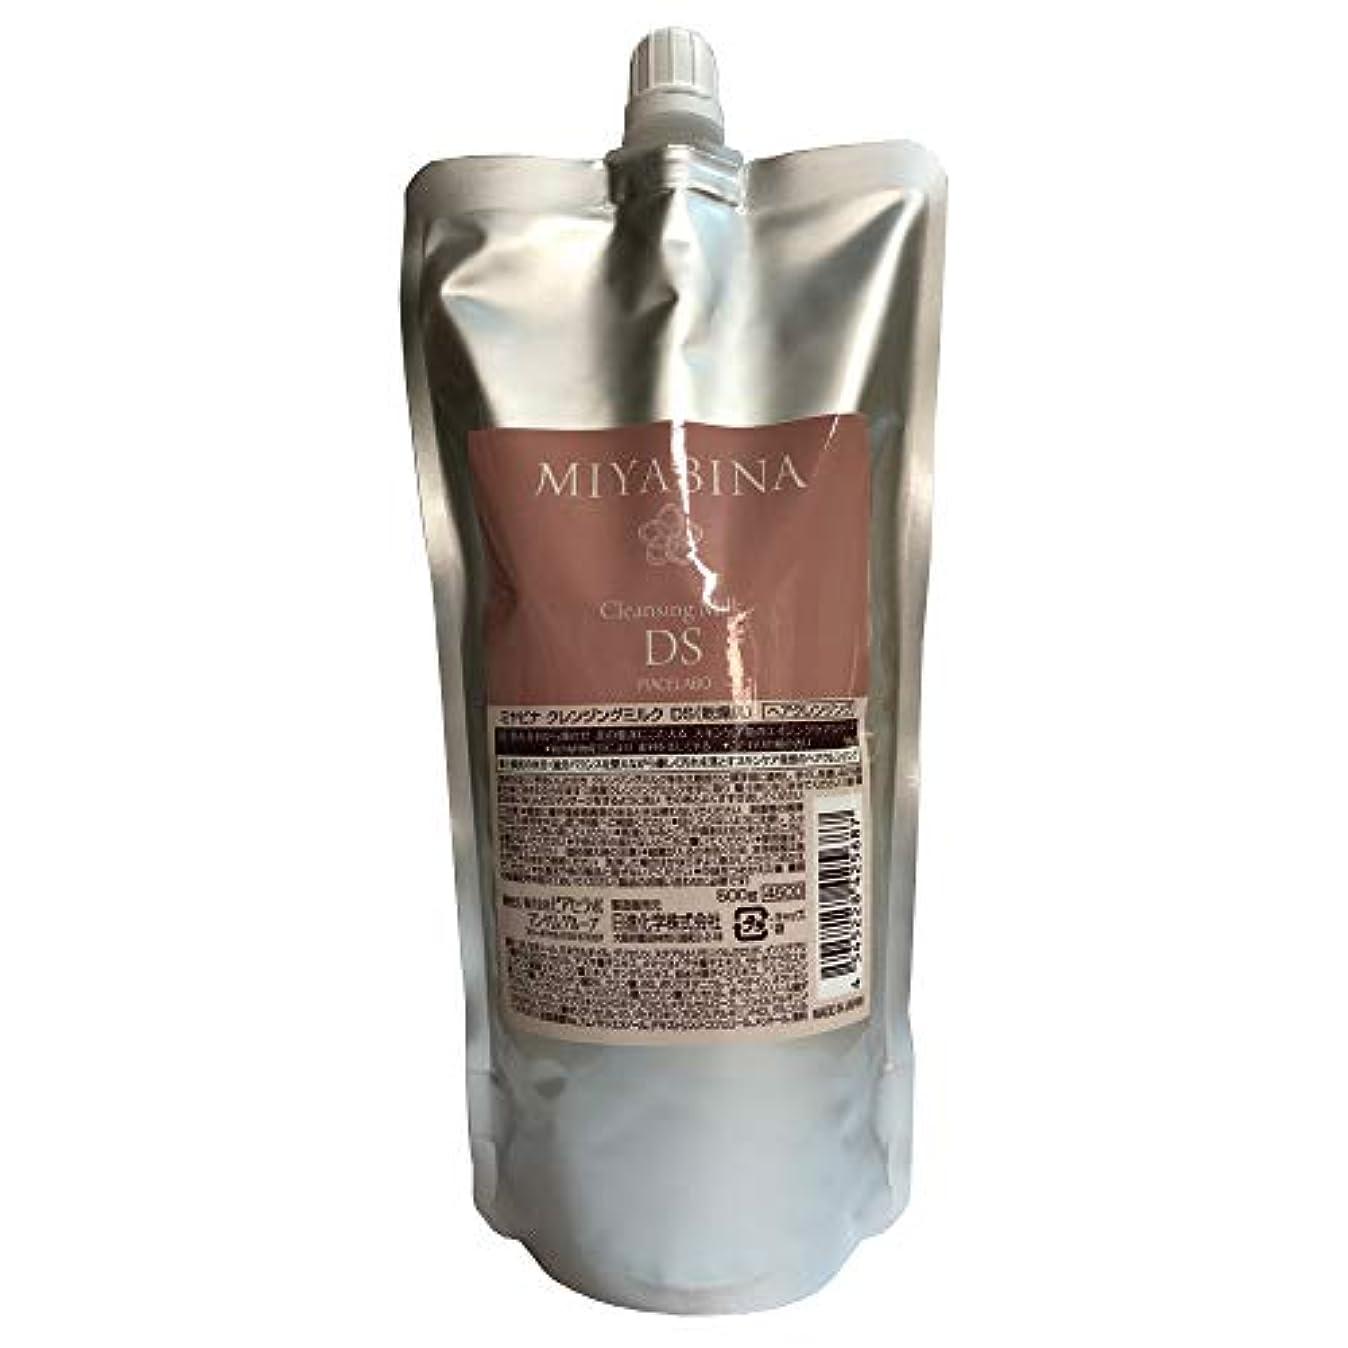 デッキボランティアのミヤビナ クレンジングミルク DS(乾燥肌) 500g レフィル(詰め替え)